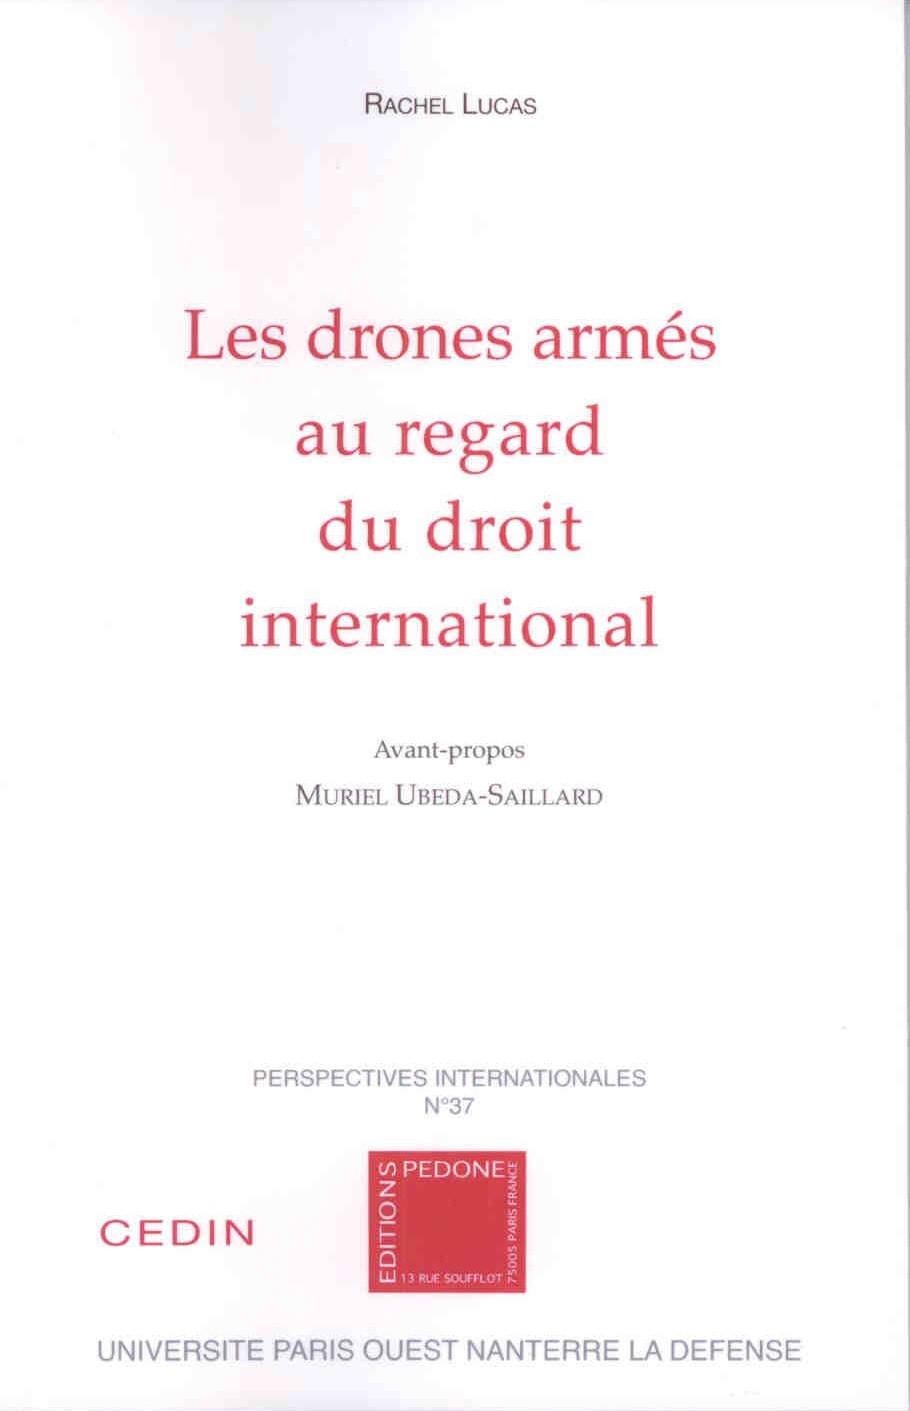 Les drones armés au regard du droit international